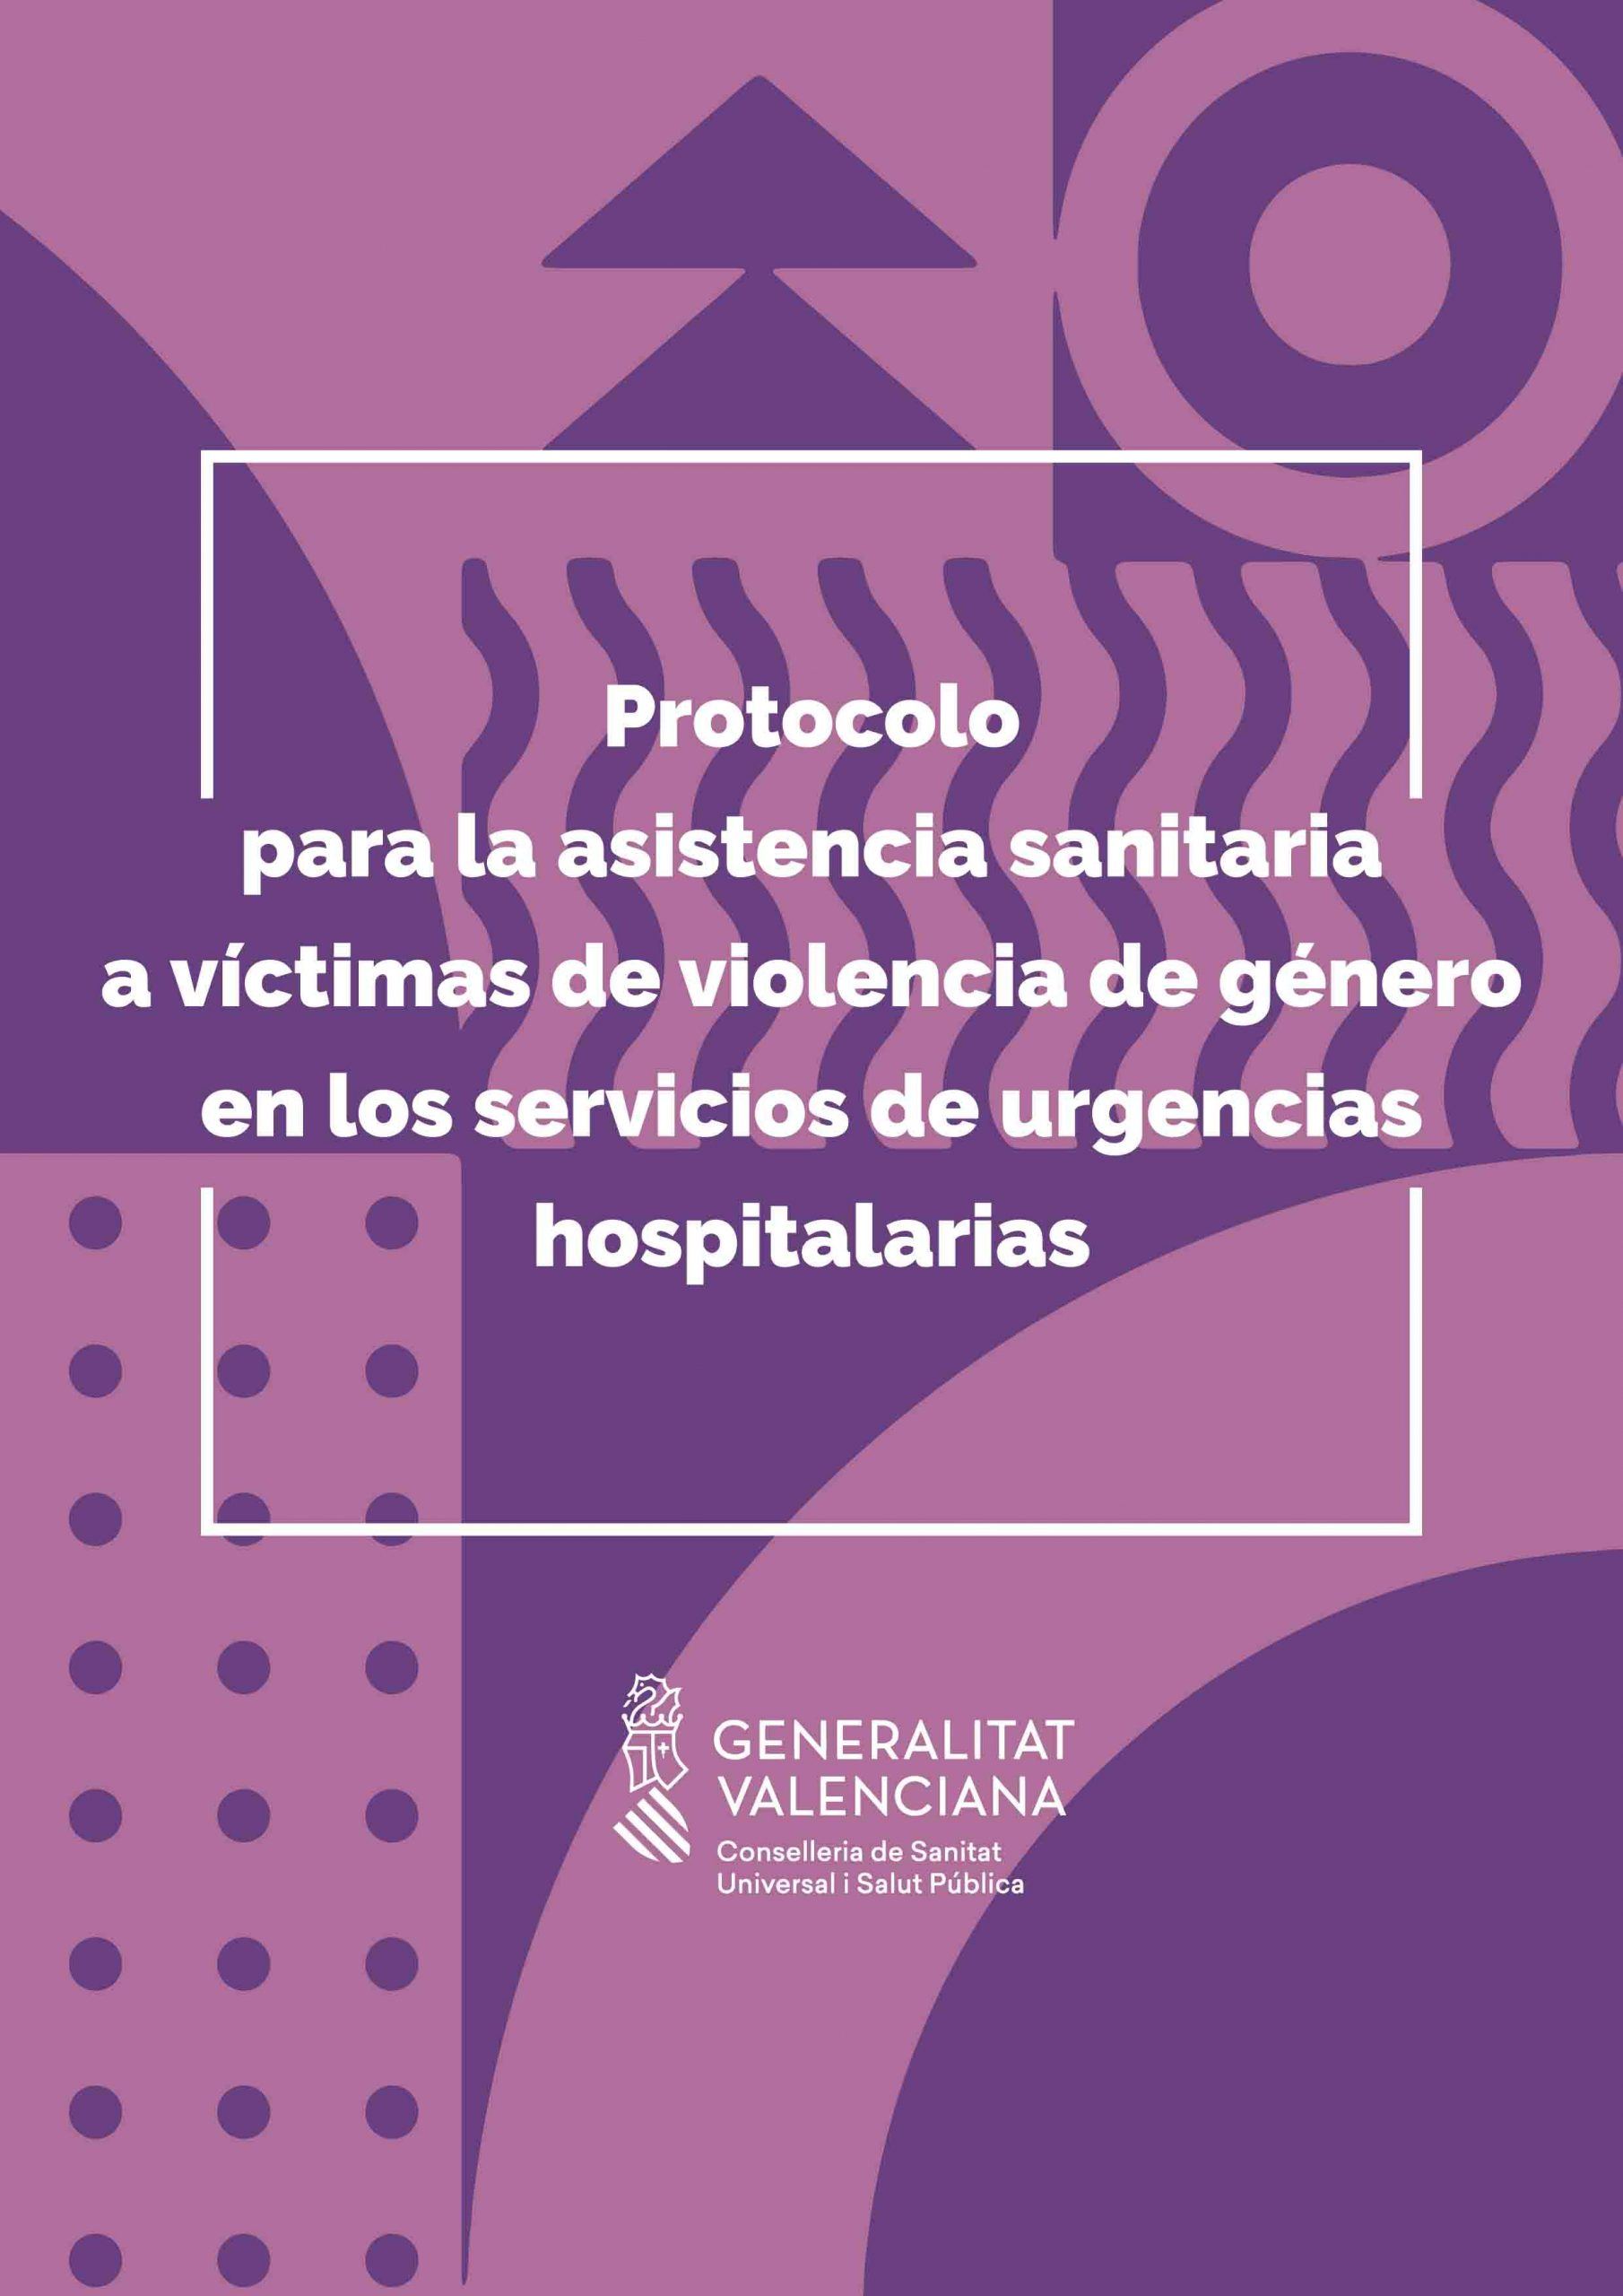 Protocolo para la asistencia sanitaria a víctimas de violencia de género en los servicios de urgencias hospitalarias